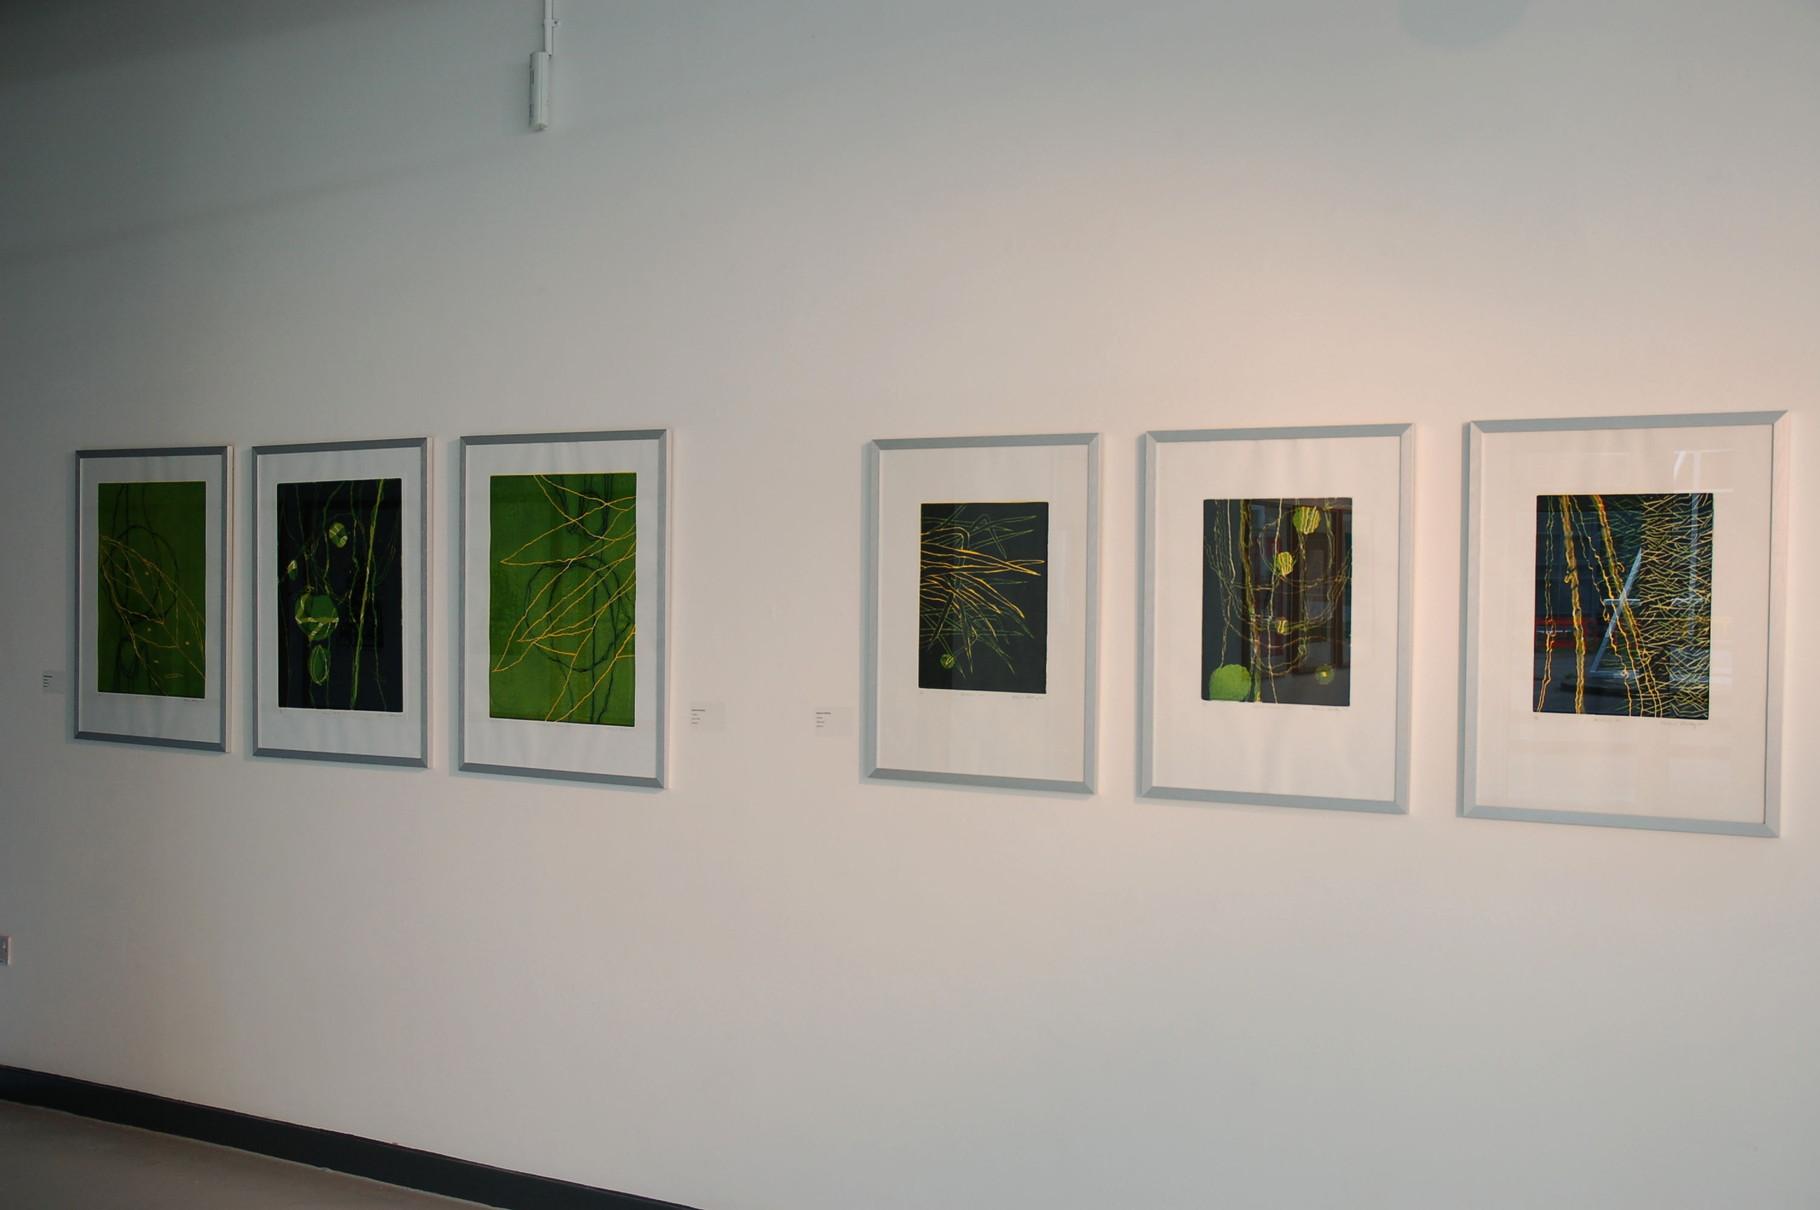 Farbholzschnitte Dschungel von Helmut Kesberg